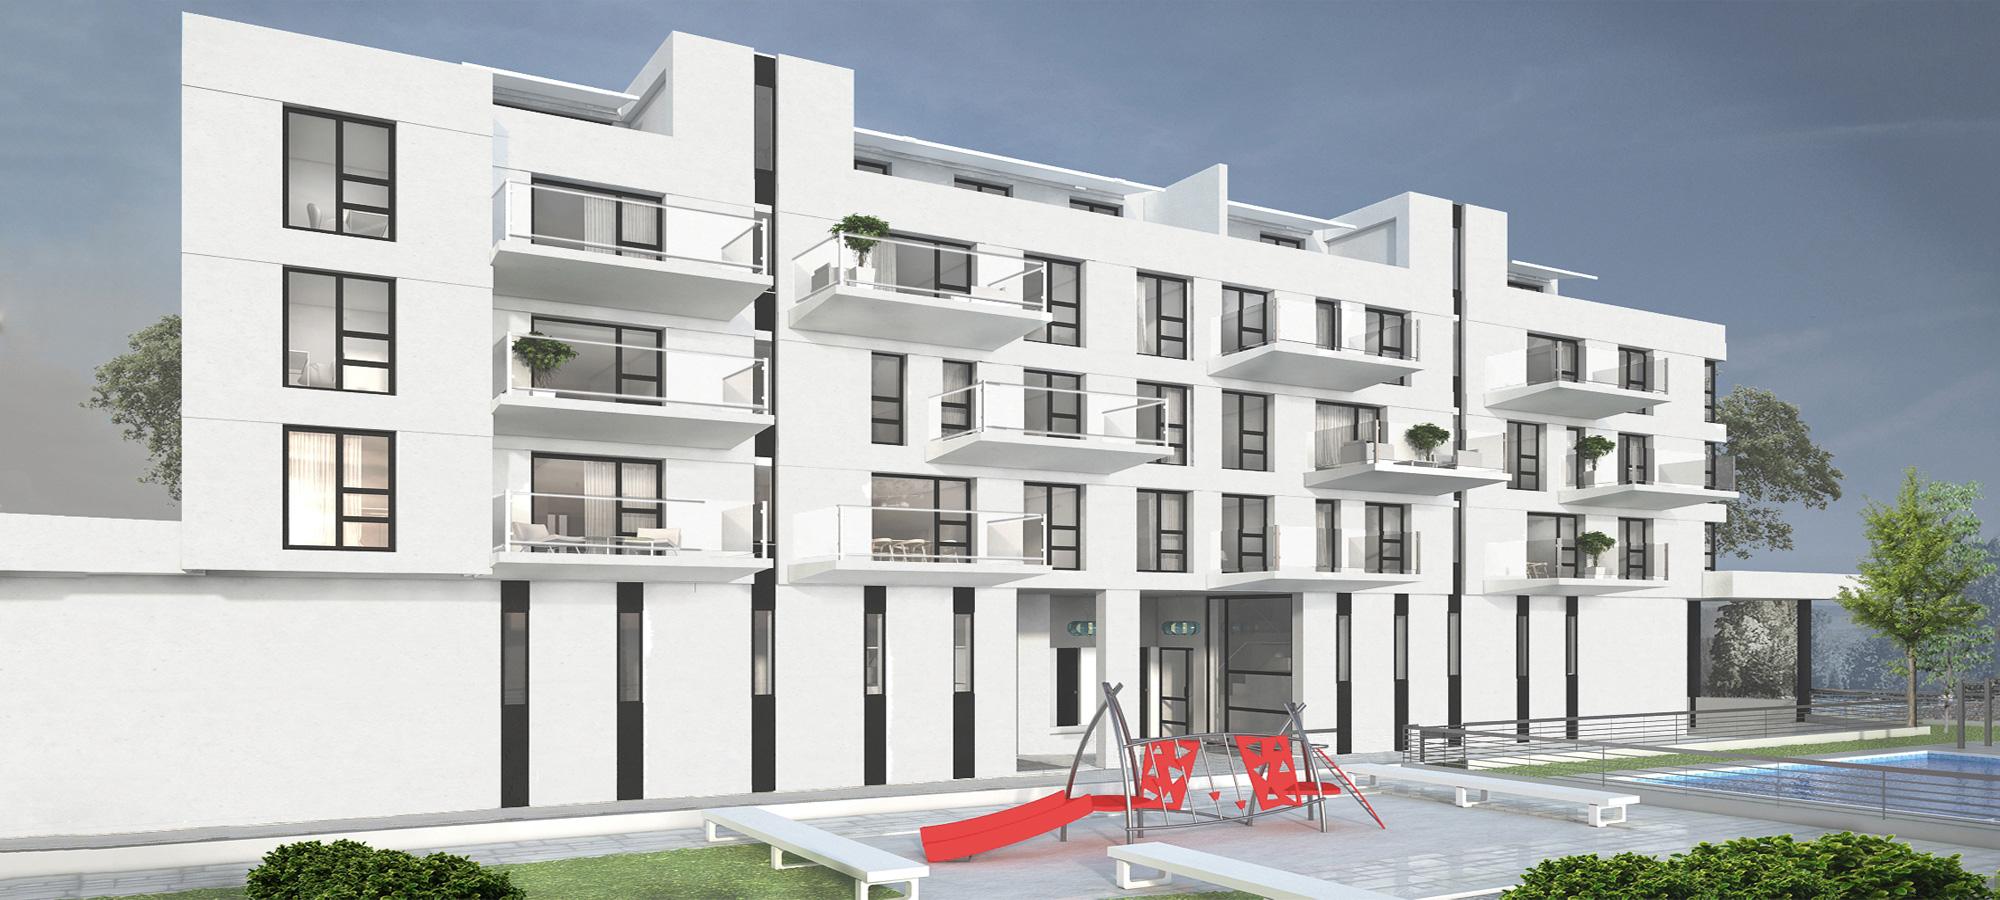 Edificio Puerta-de-Valencia-Balcones